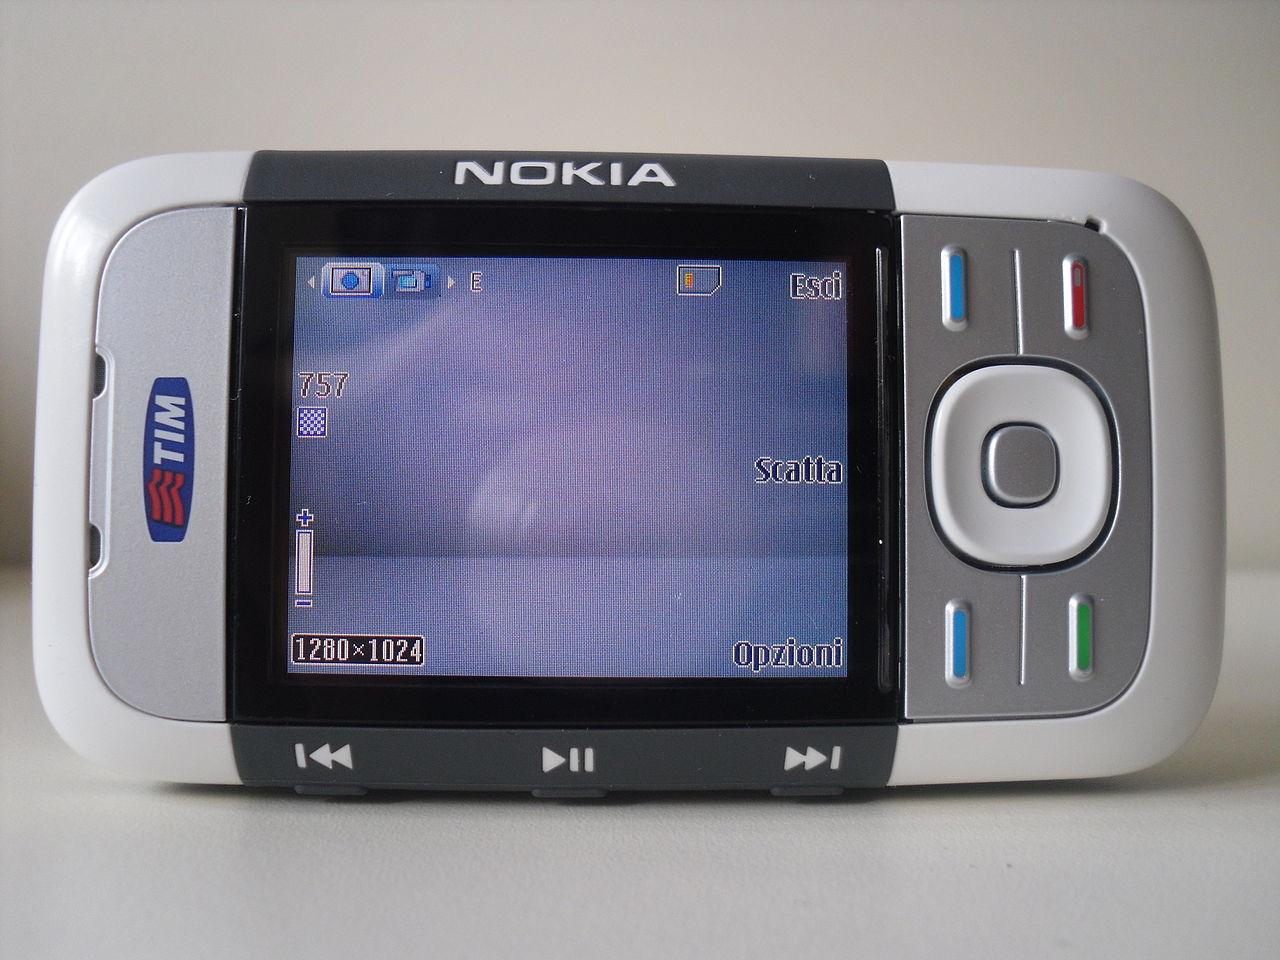 Программы для nokia 5300 xpressmusic скачать бесплатно